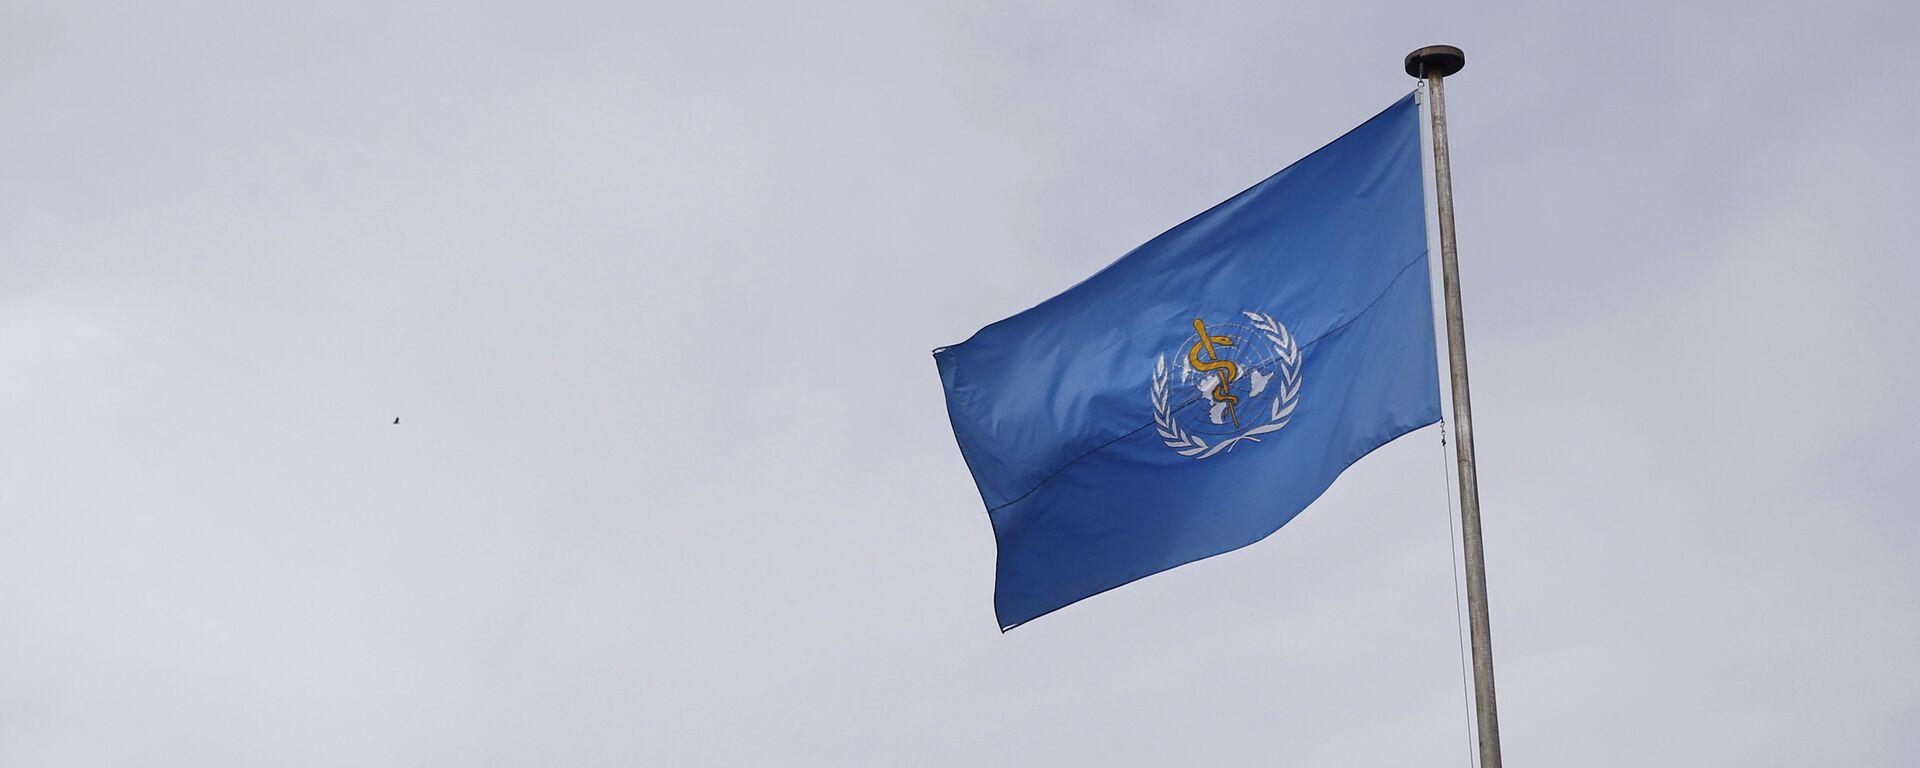 Světová zdravotnická organizace (WHO) - Sputnik Česká republika, 1920, 30.03.2021